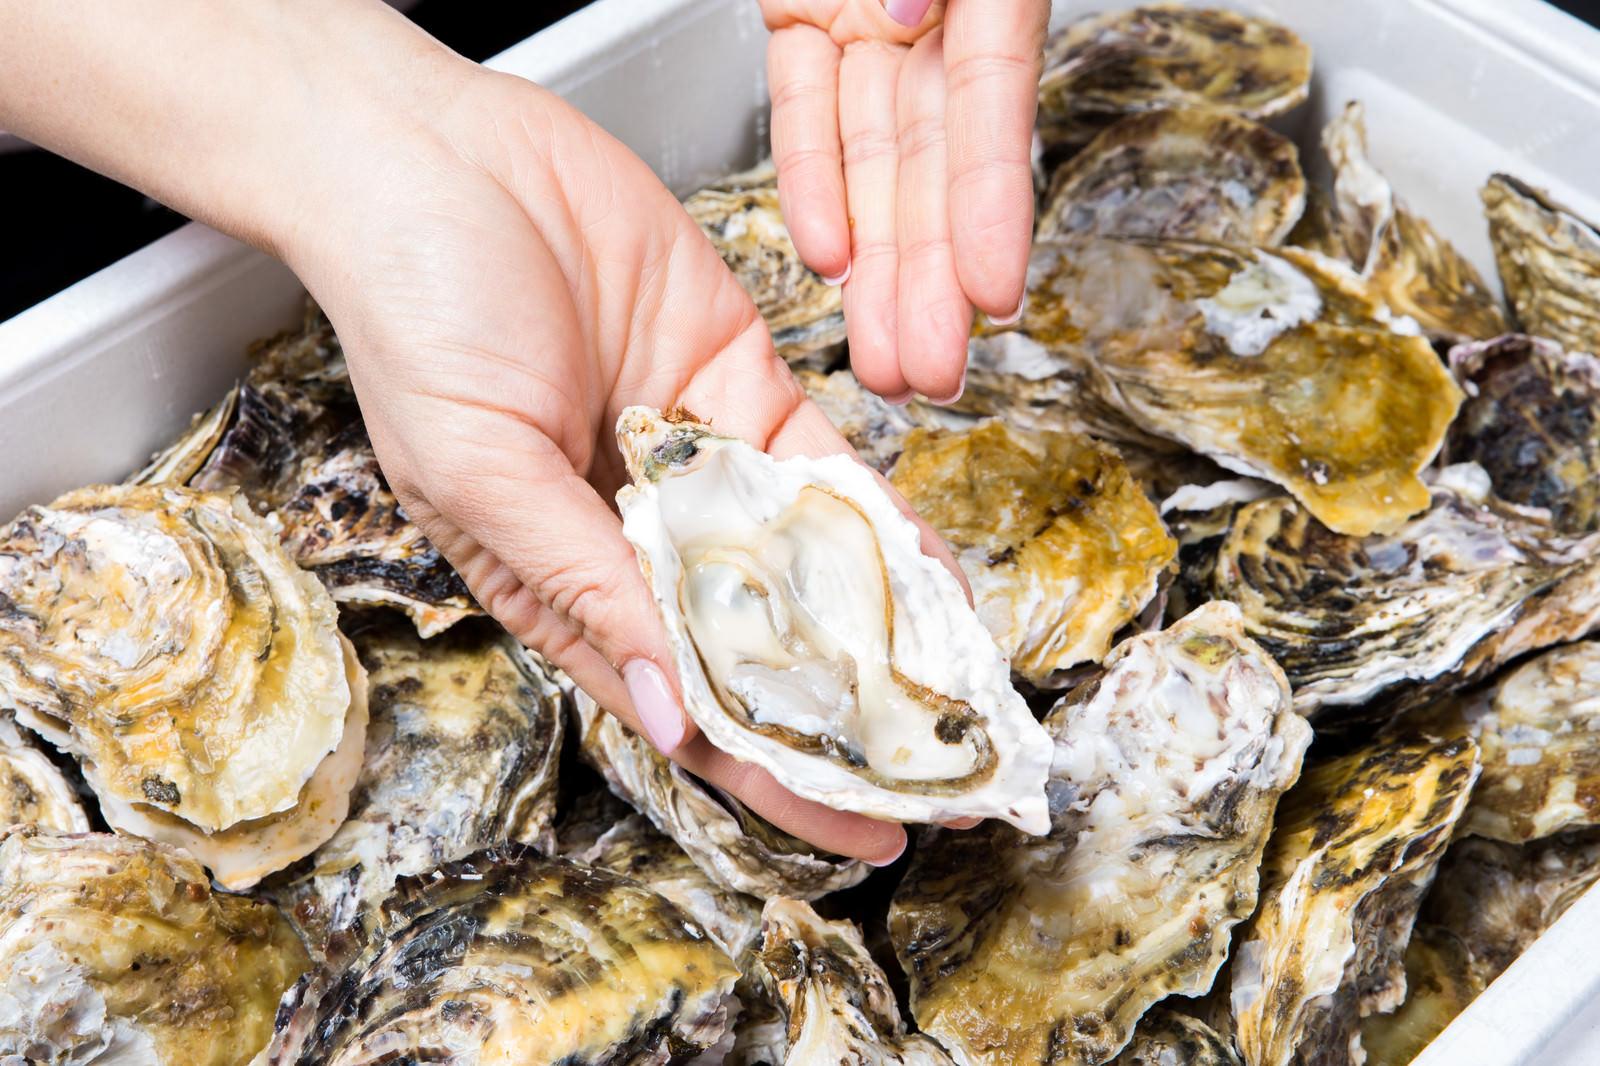 「新鮮な恵比須牡蠣はこちらです新鮮な恵比須牡蠣はこちらです」のフリー写真素材を拡大